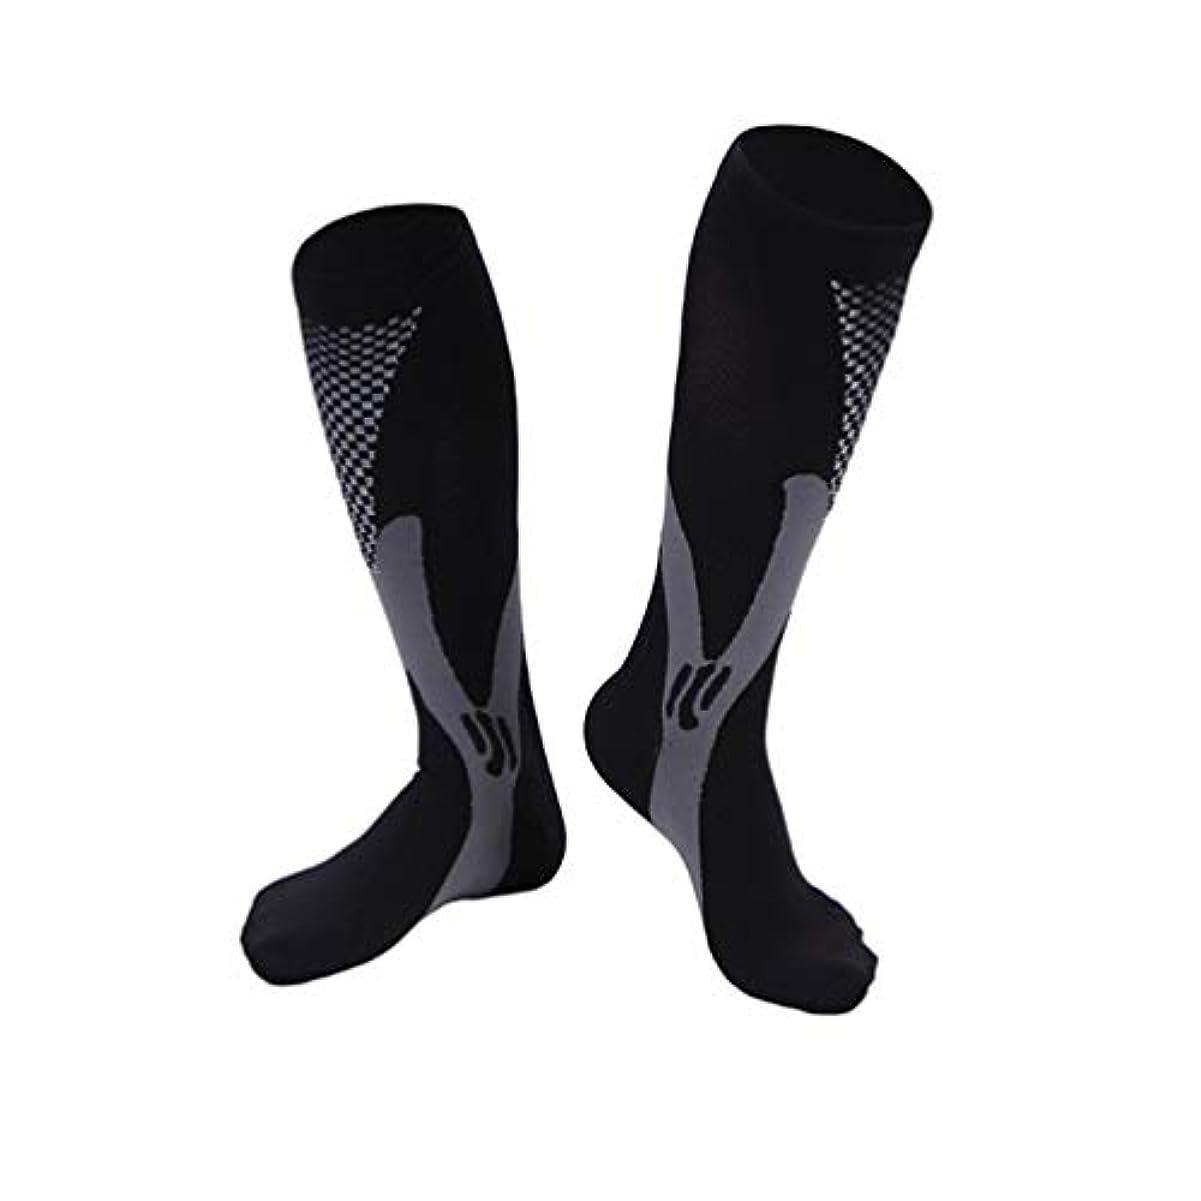 不倫黒くする強調する快適な男性女性ファッションレッグサポートストレッチ圧縮ソックス下膝ソックスレッグサポートストレッチ通気性ソックス - ブラック2 XL